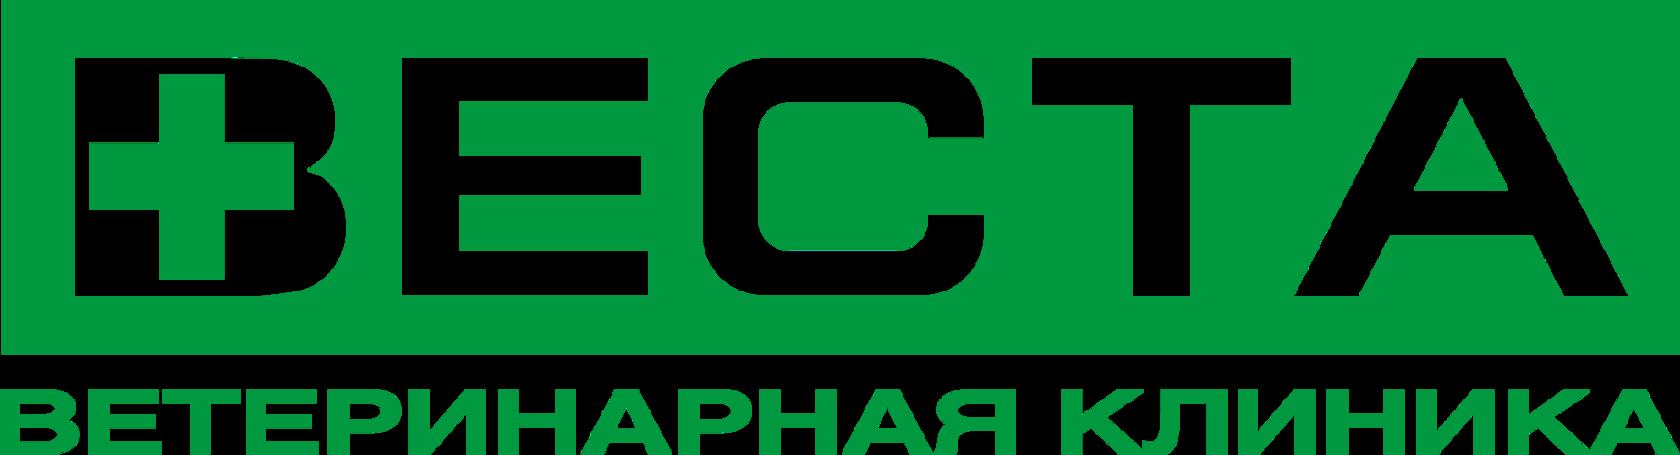 Ветклиника Веста | Круглосуточная ветеринарная клиника в Москве